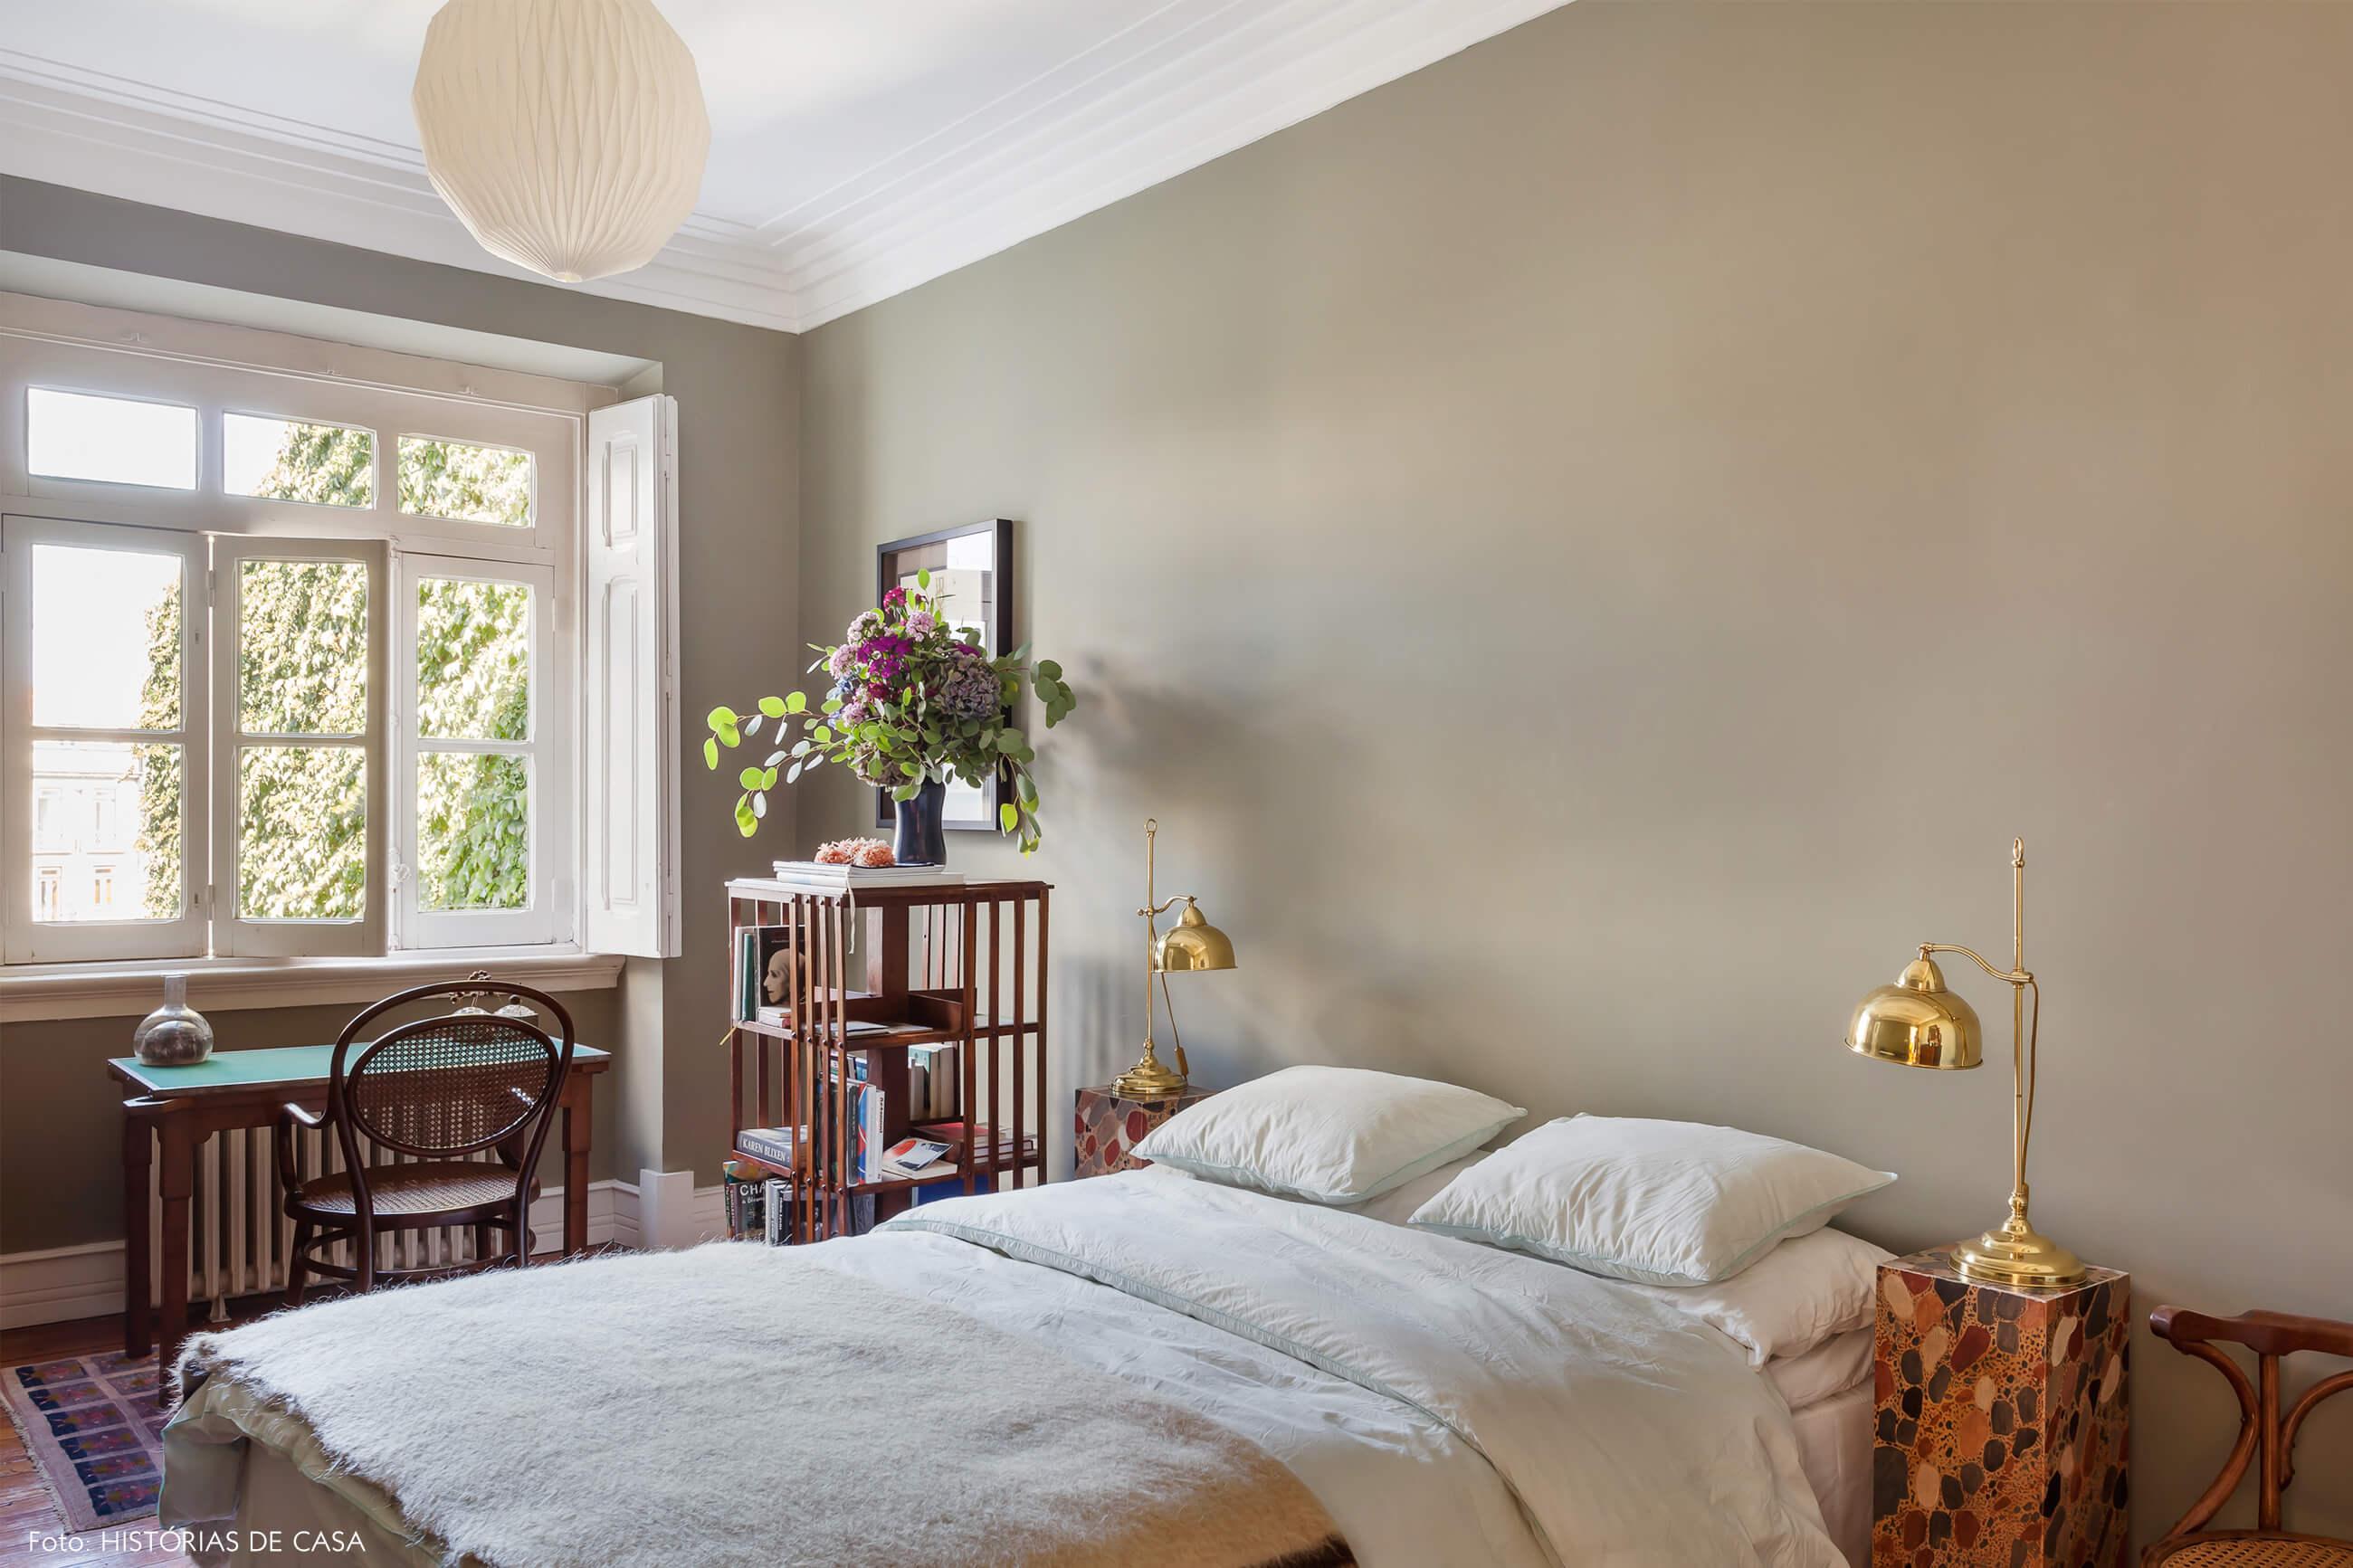 Ap decoração quarto com parede bege e cama branca